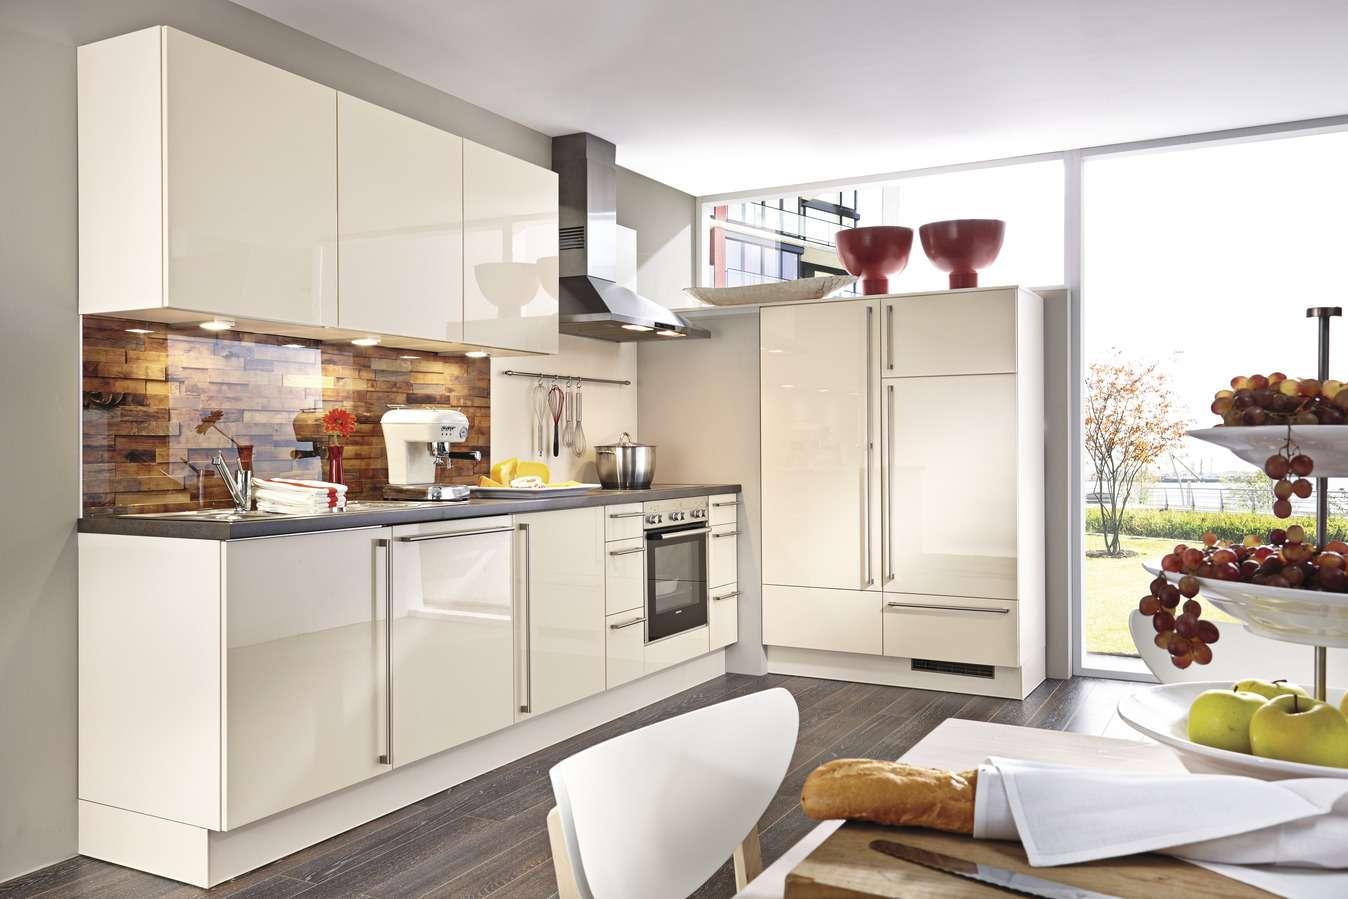 Full Size of Kleine Einbauküche Roller Kleine Einbauküche Mit Waschmaschine Kleine Einbauküche Poco Kleine Einbauküche Verkaufen Küche Kleine Einbauküche